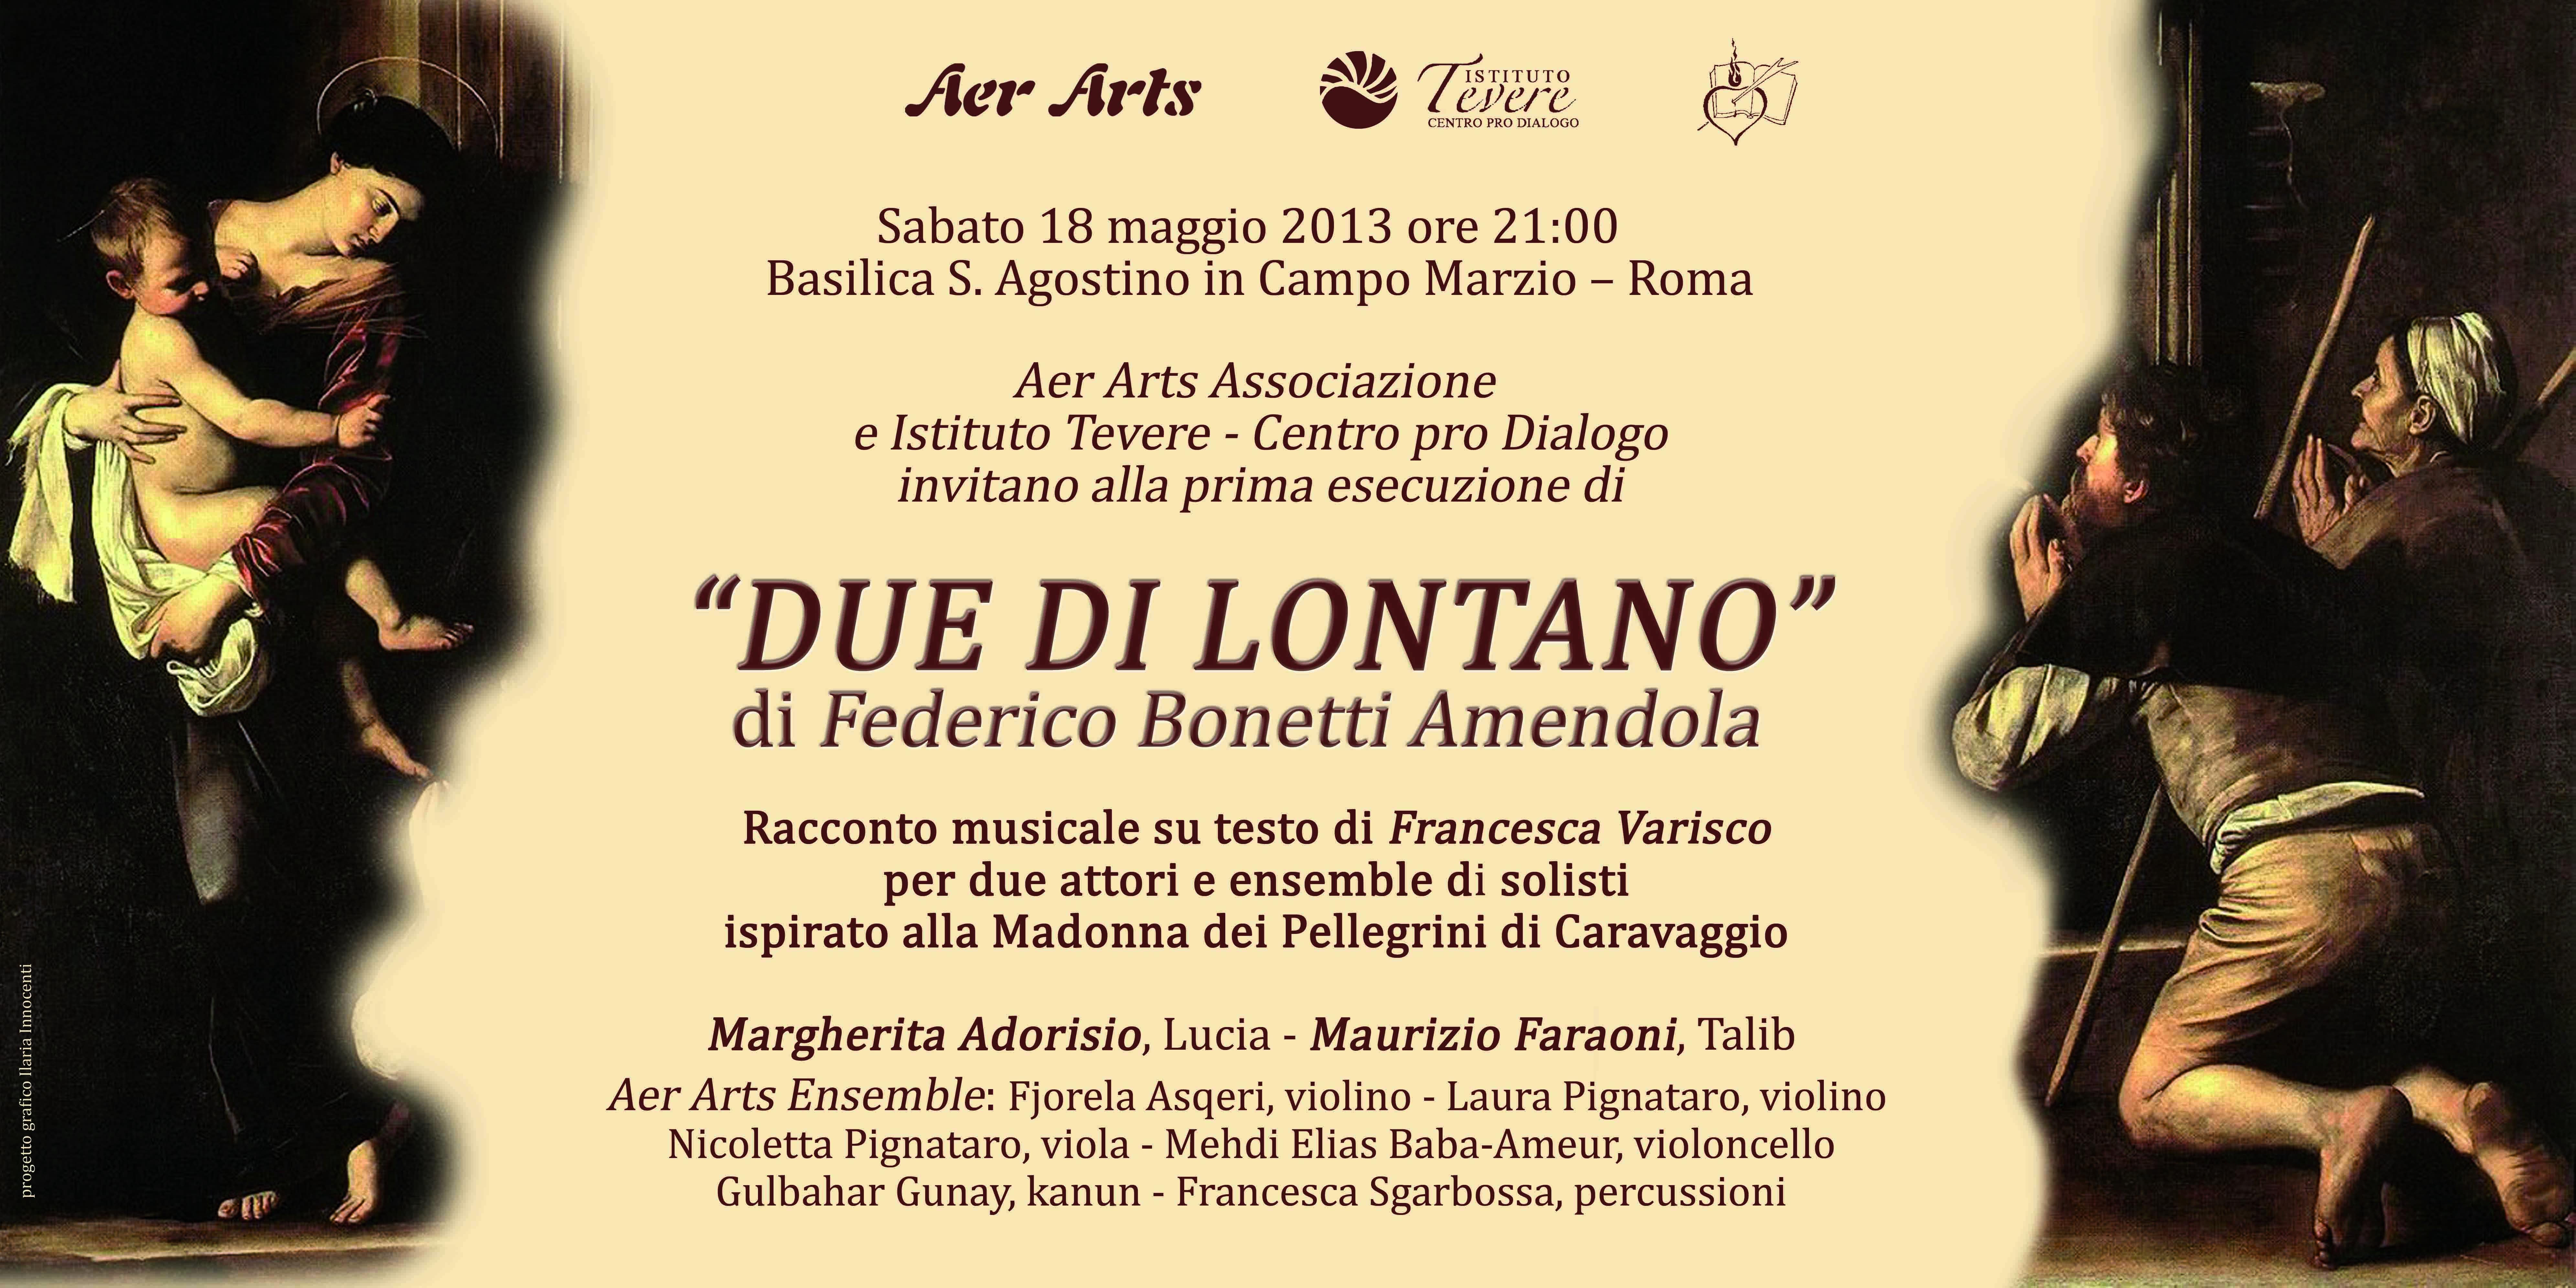 Caravaggio - DUE DI LONTANO - 20130518 Roma - INVITO